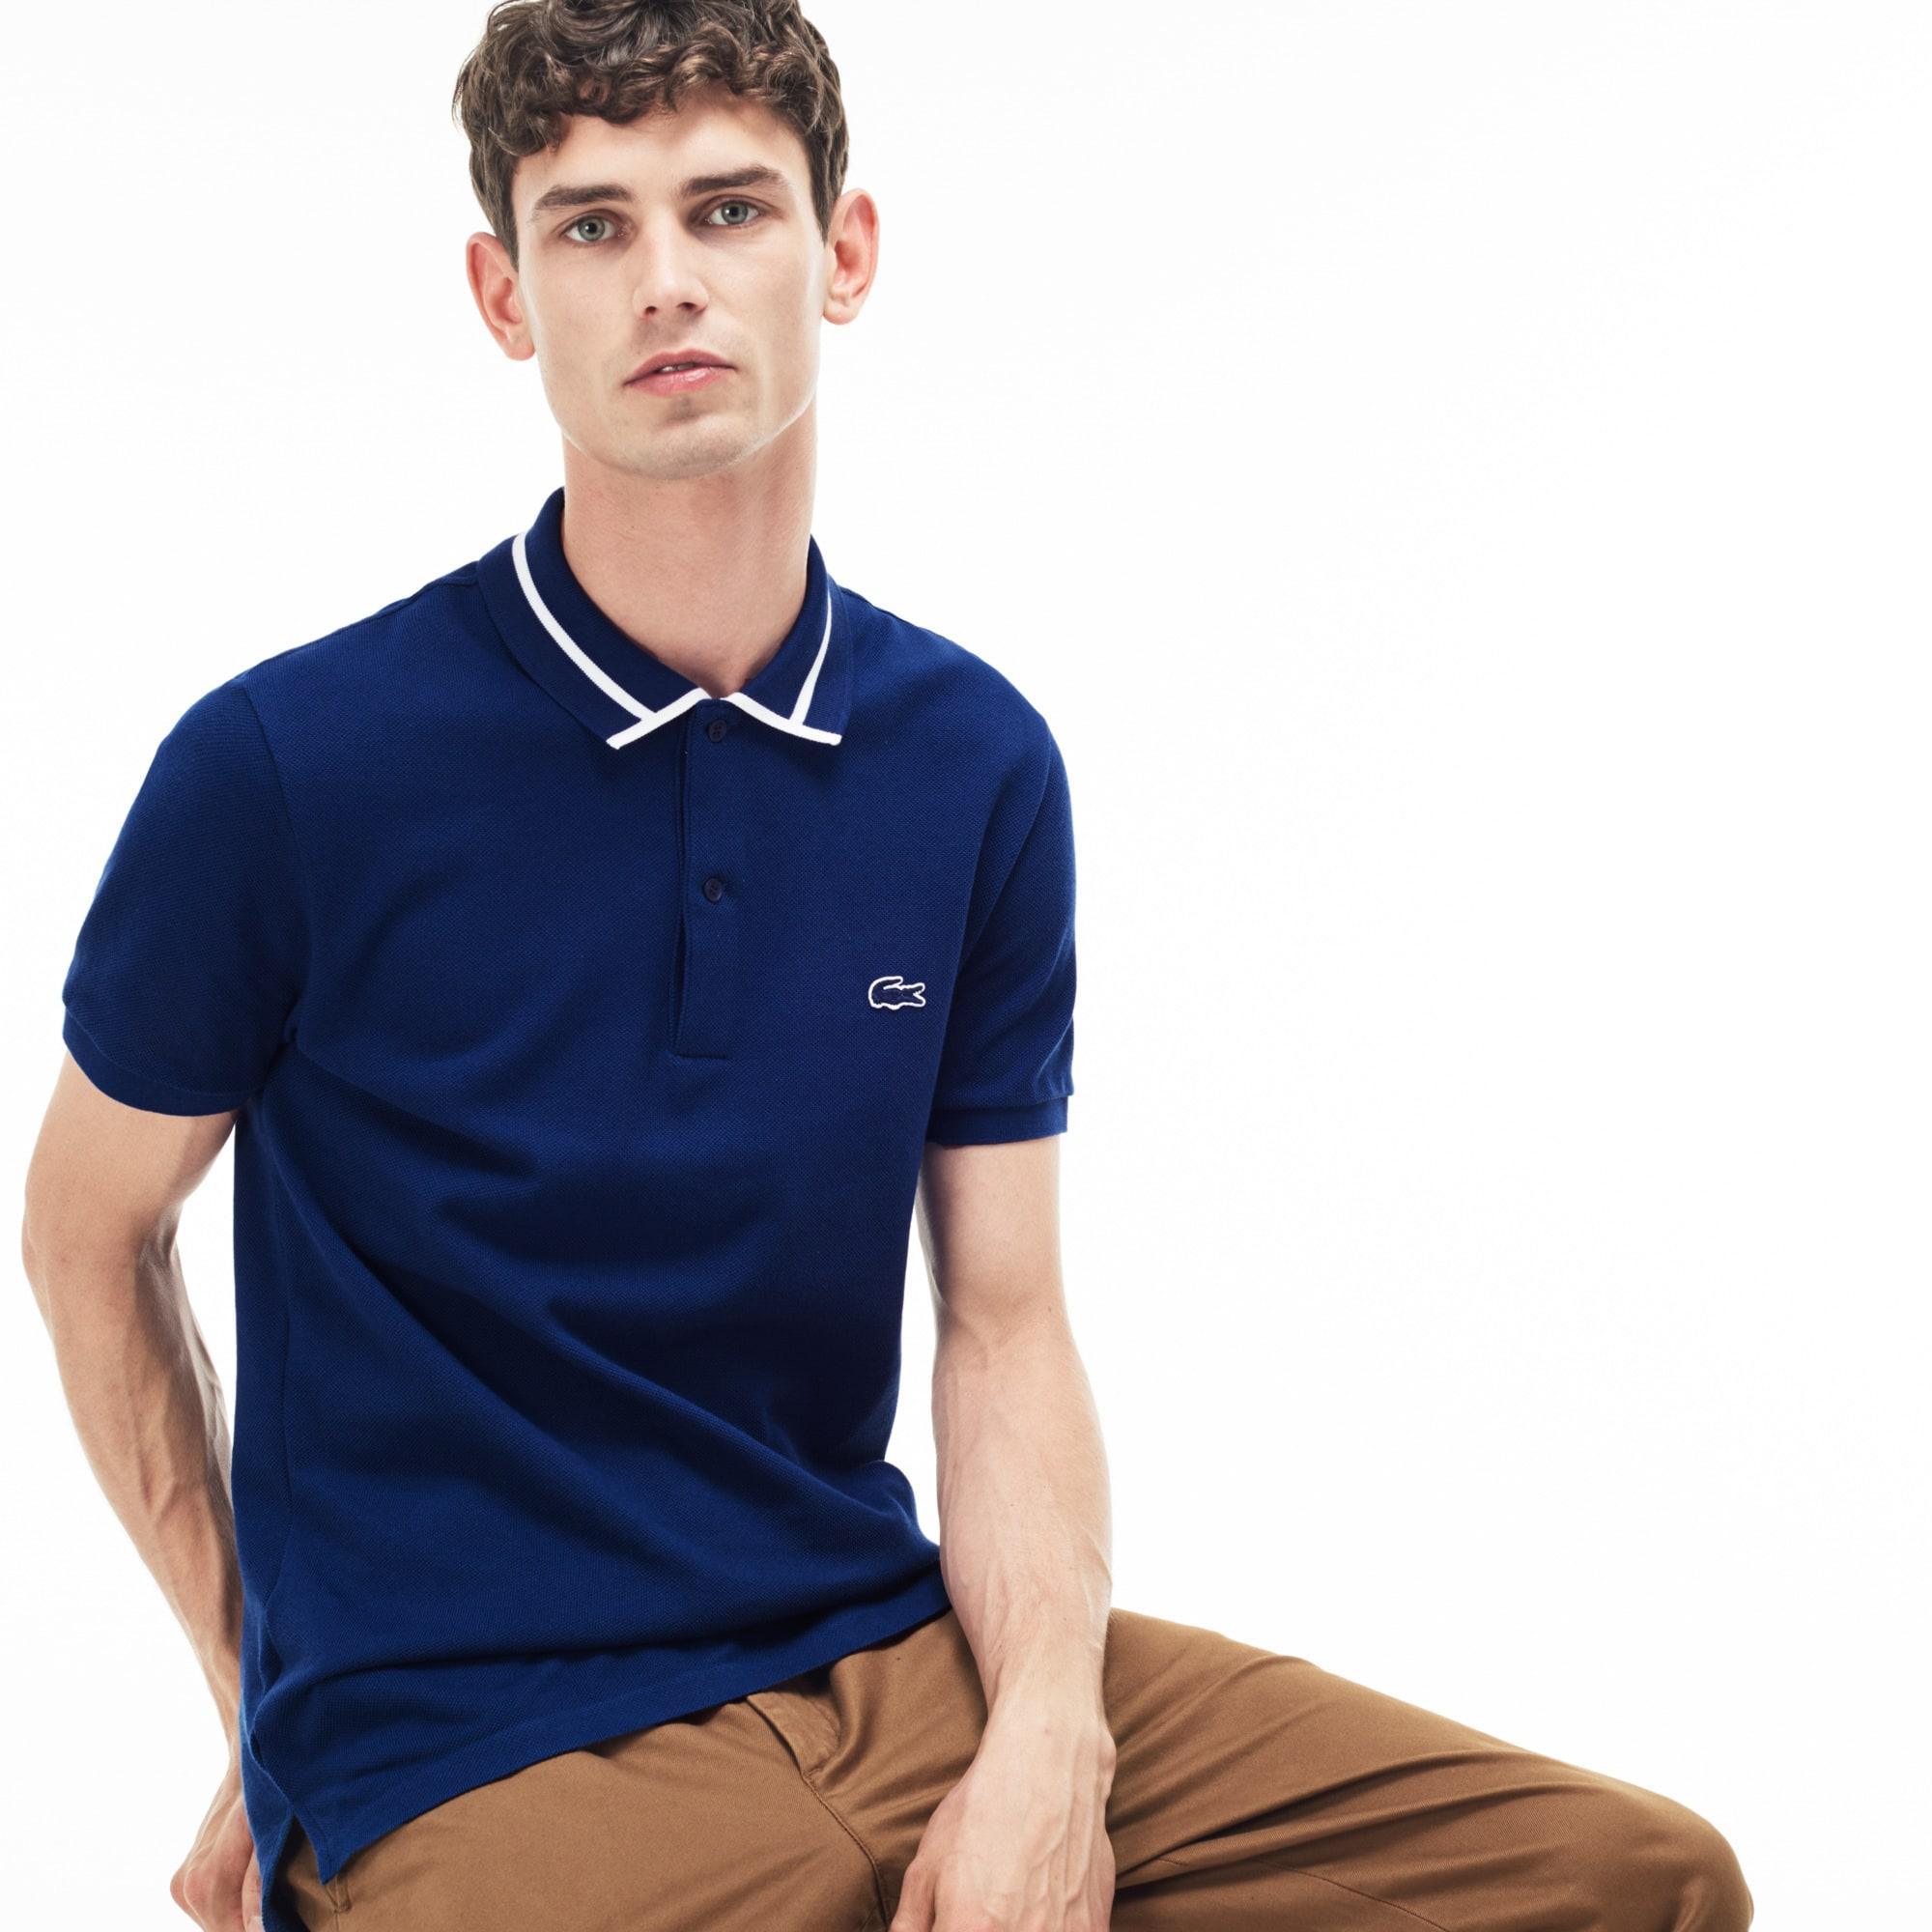 Slim Fit Herren-Poloshirt aus dickem Baumwoll-Piqué mit Paspeln